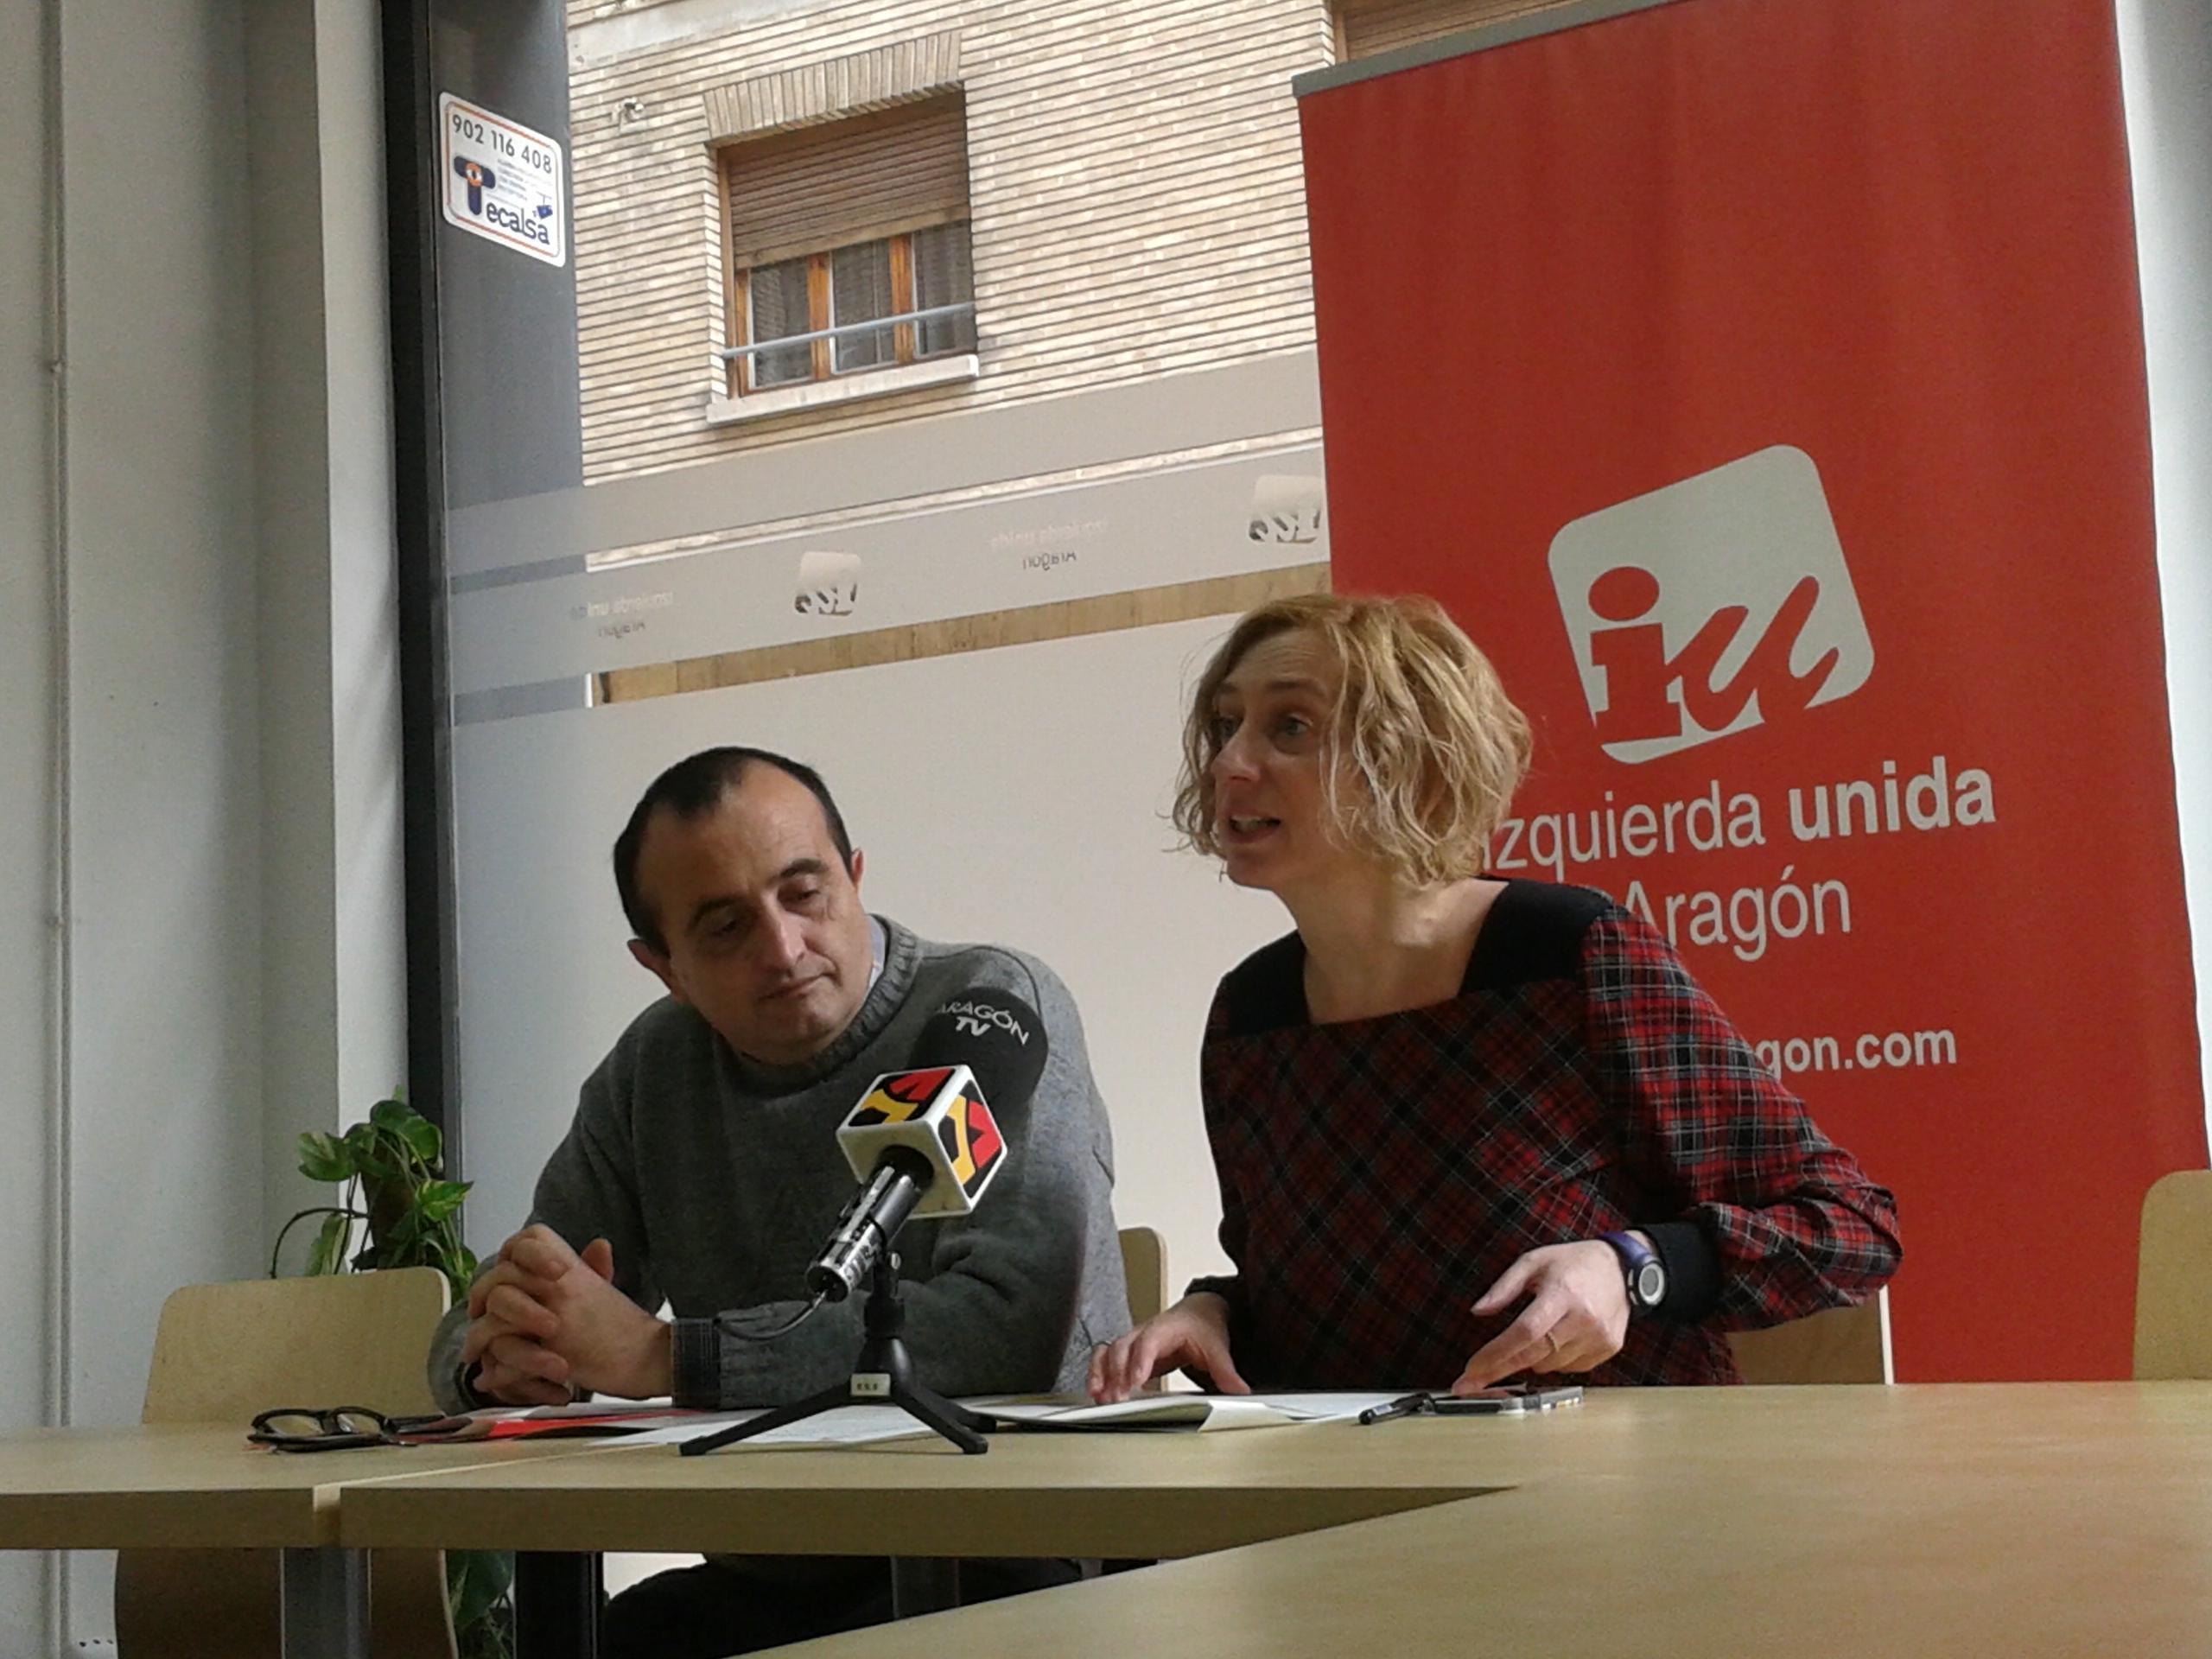 Nos coordinamos para la campaña autonómica en la ciudad de Zaragoza